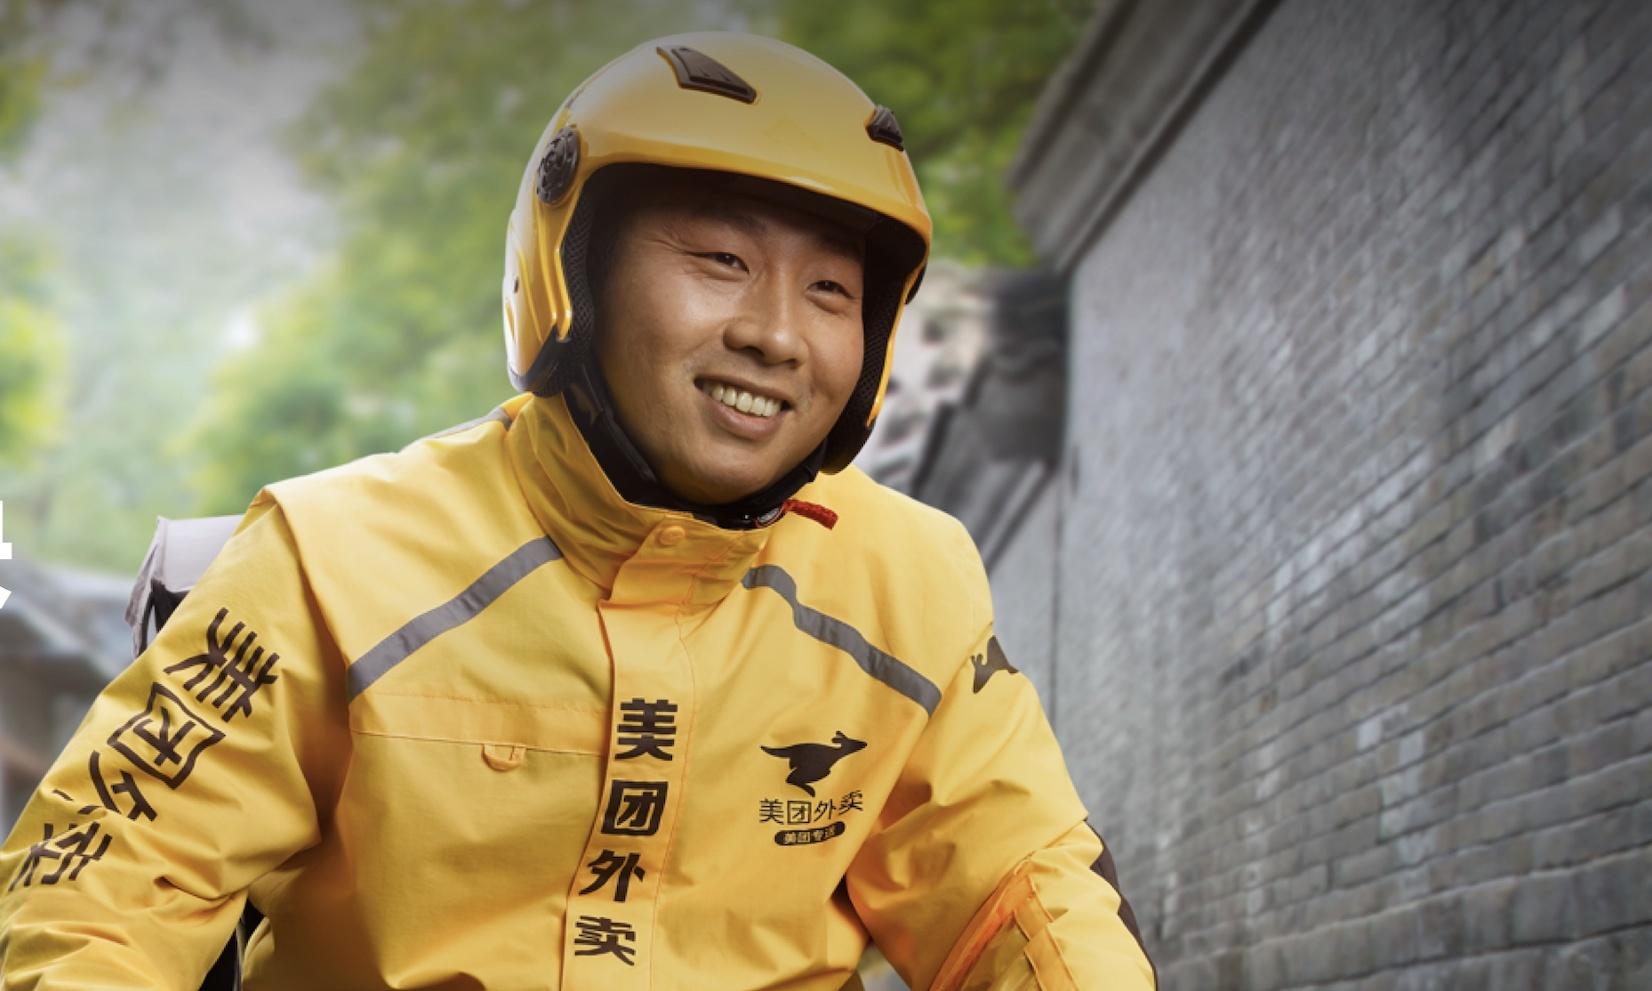 王思聪美团点评账号轻易被盗!美团紧急回复:第一时间保护性冻结